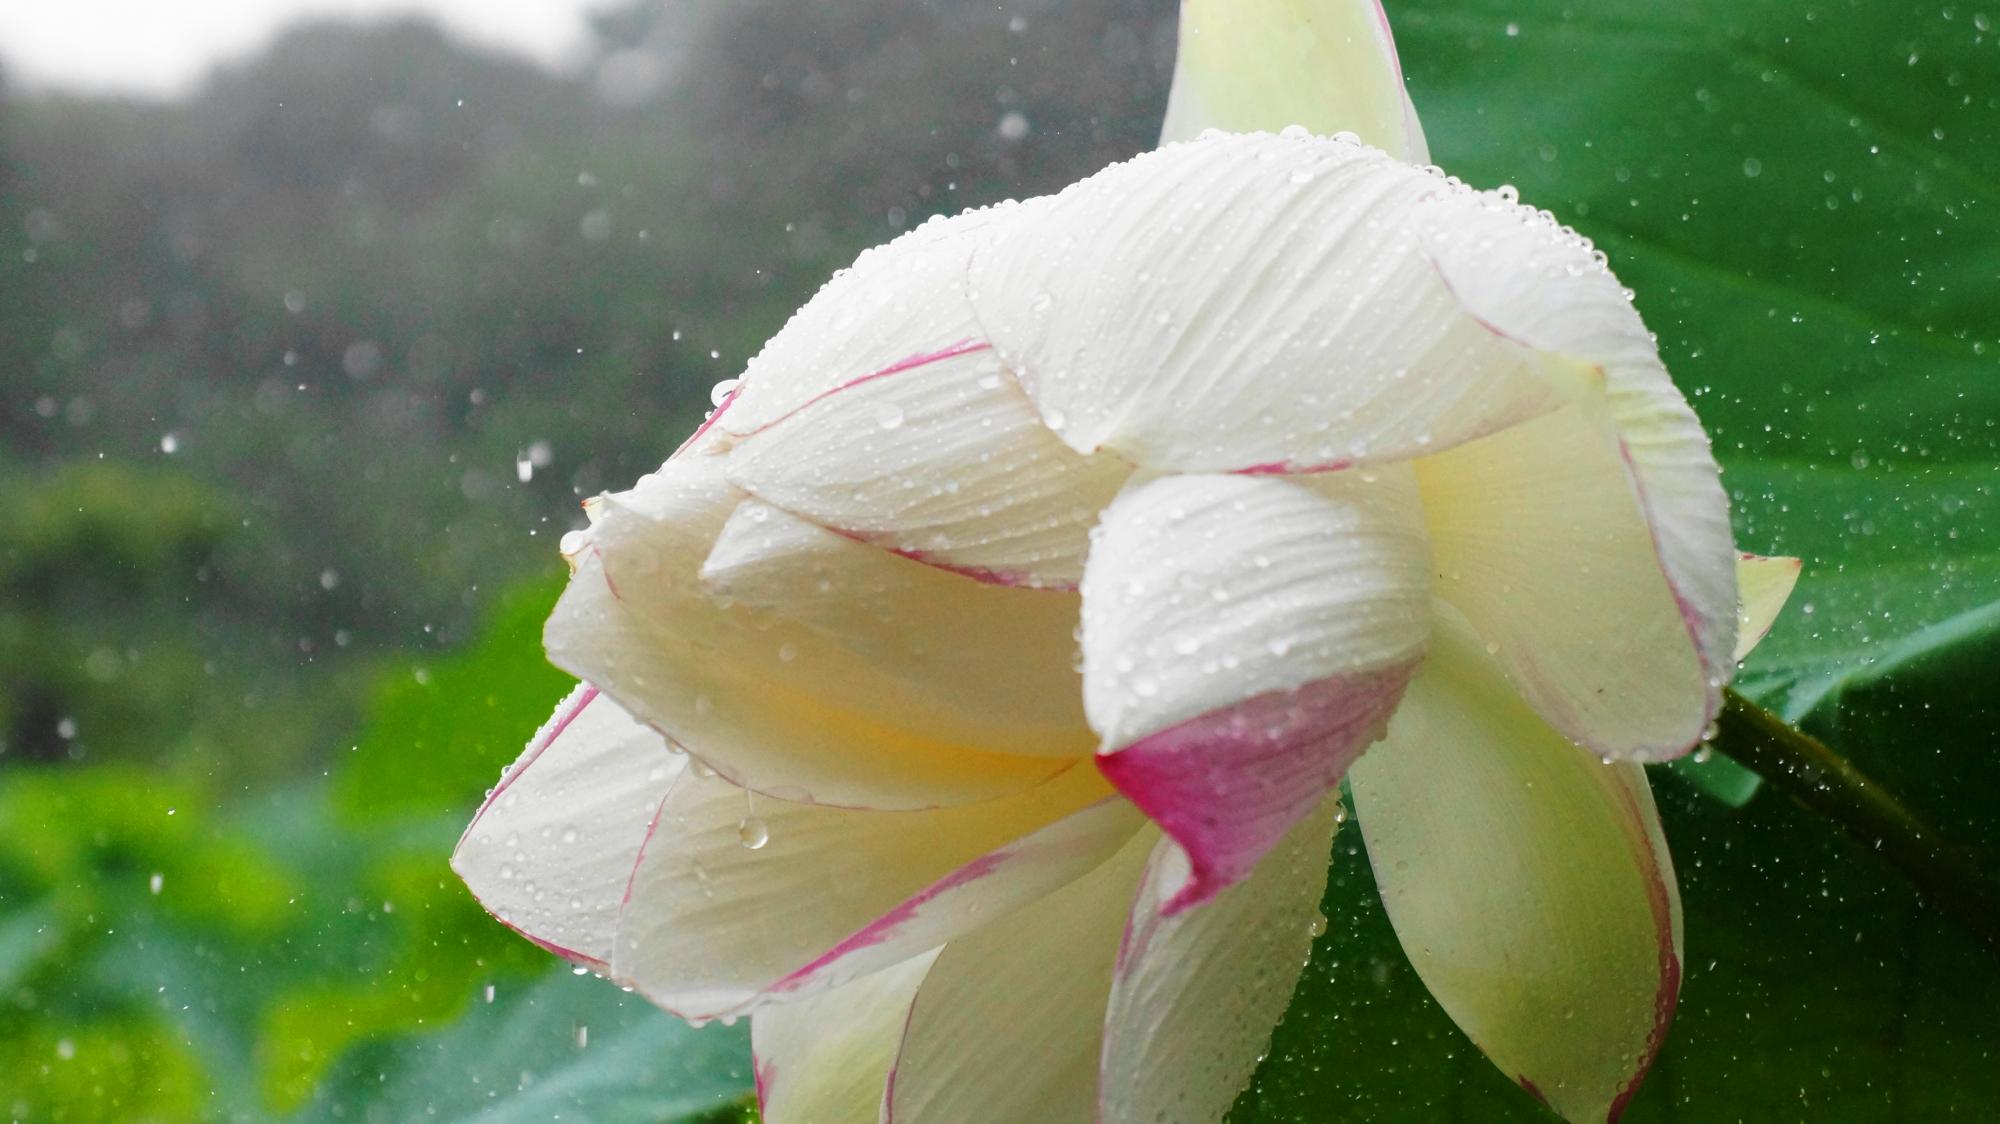 ハスの花に強く当たり弾け飛ぶ雨水